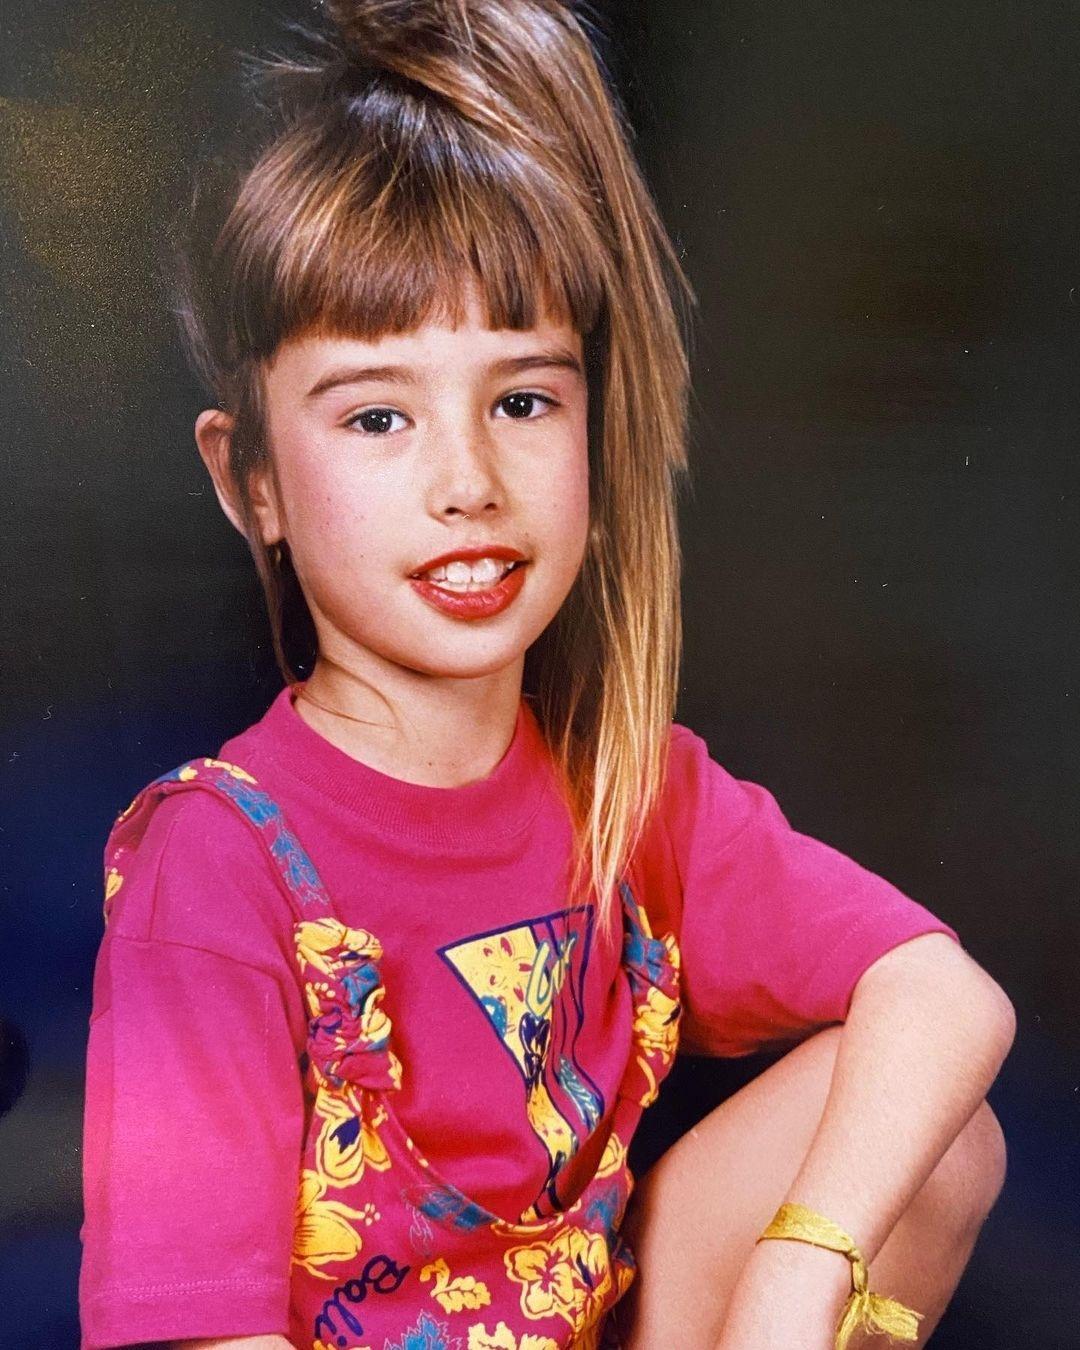 Fernanda Keulla publicou foto da infância